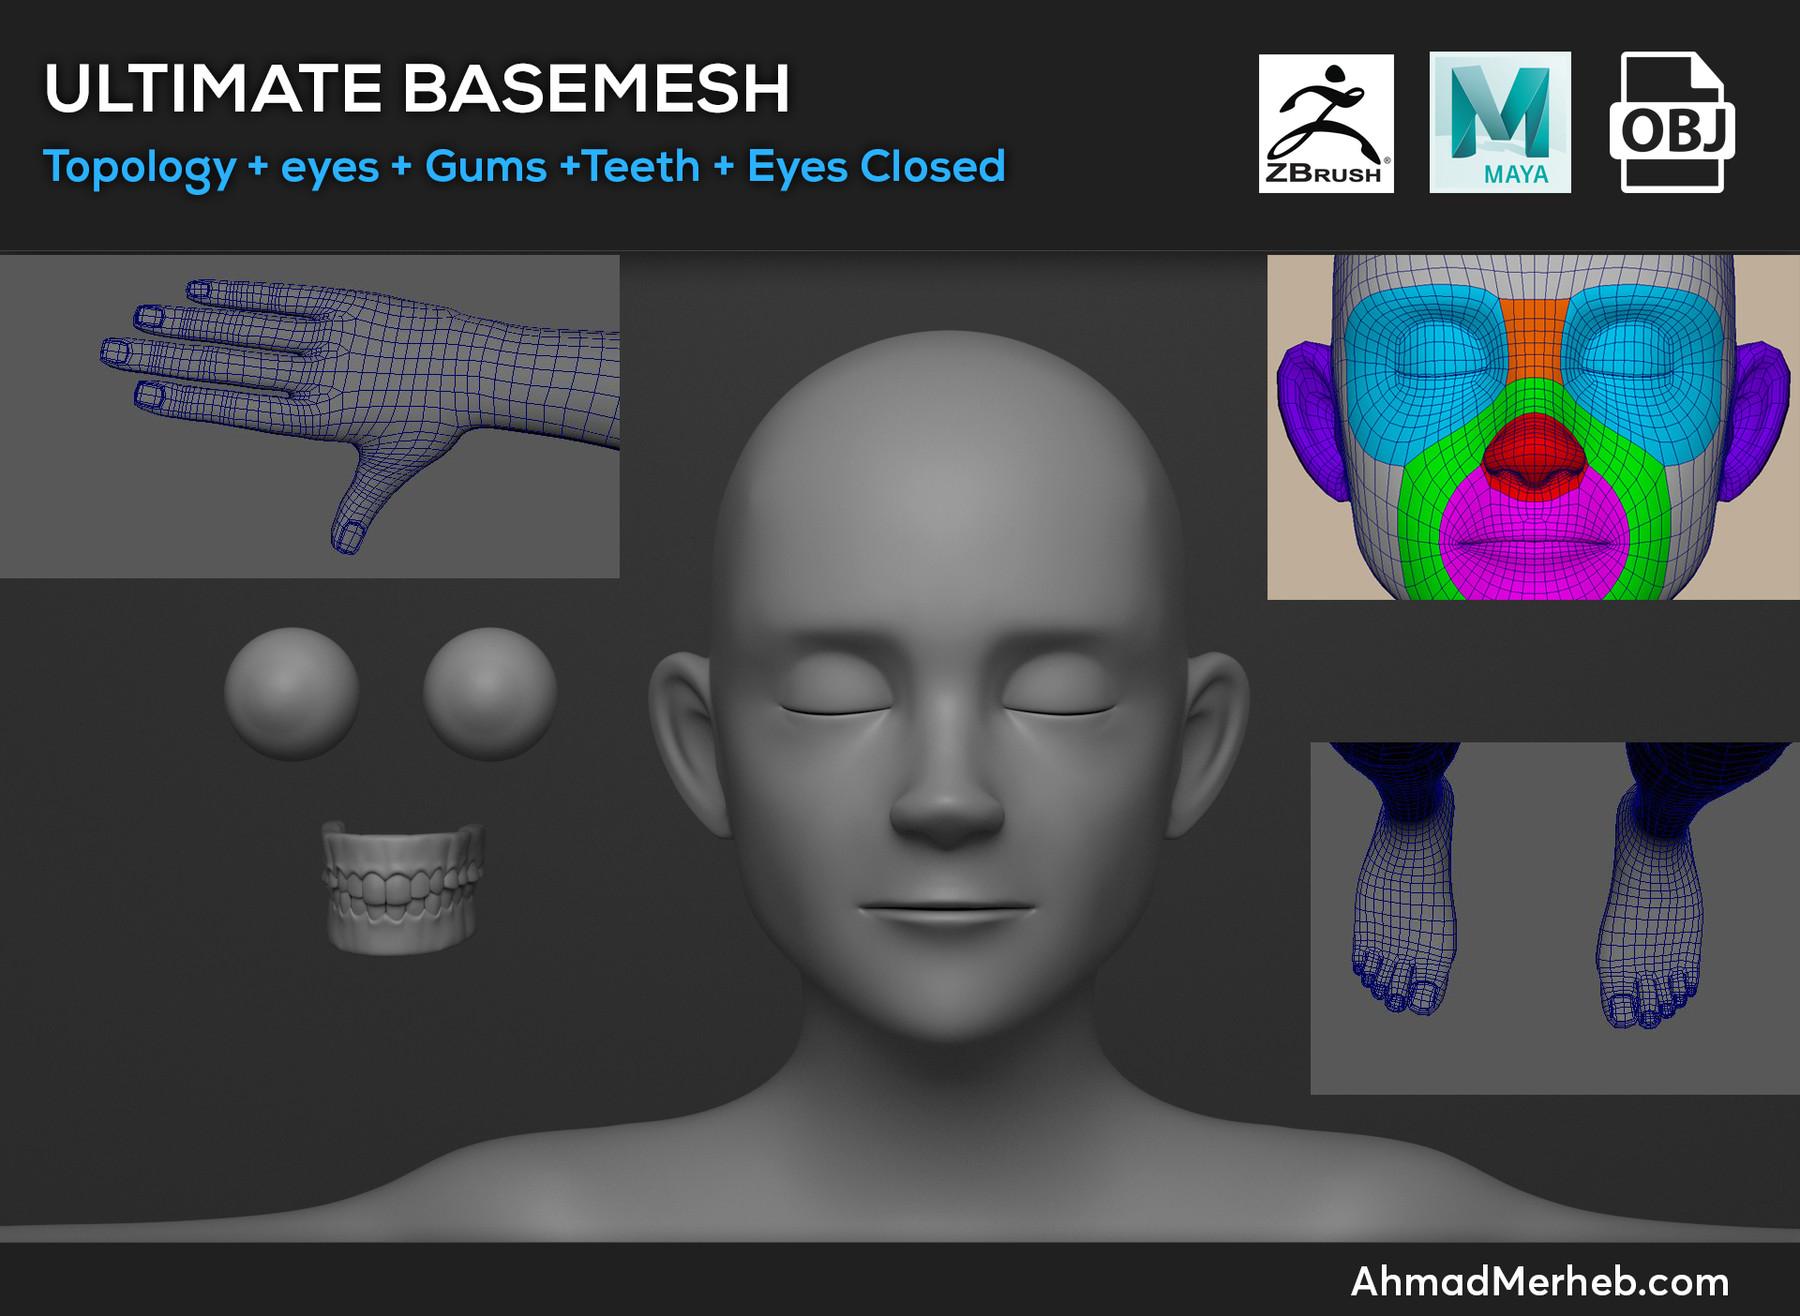 Basemesh